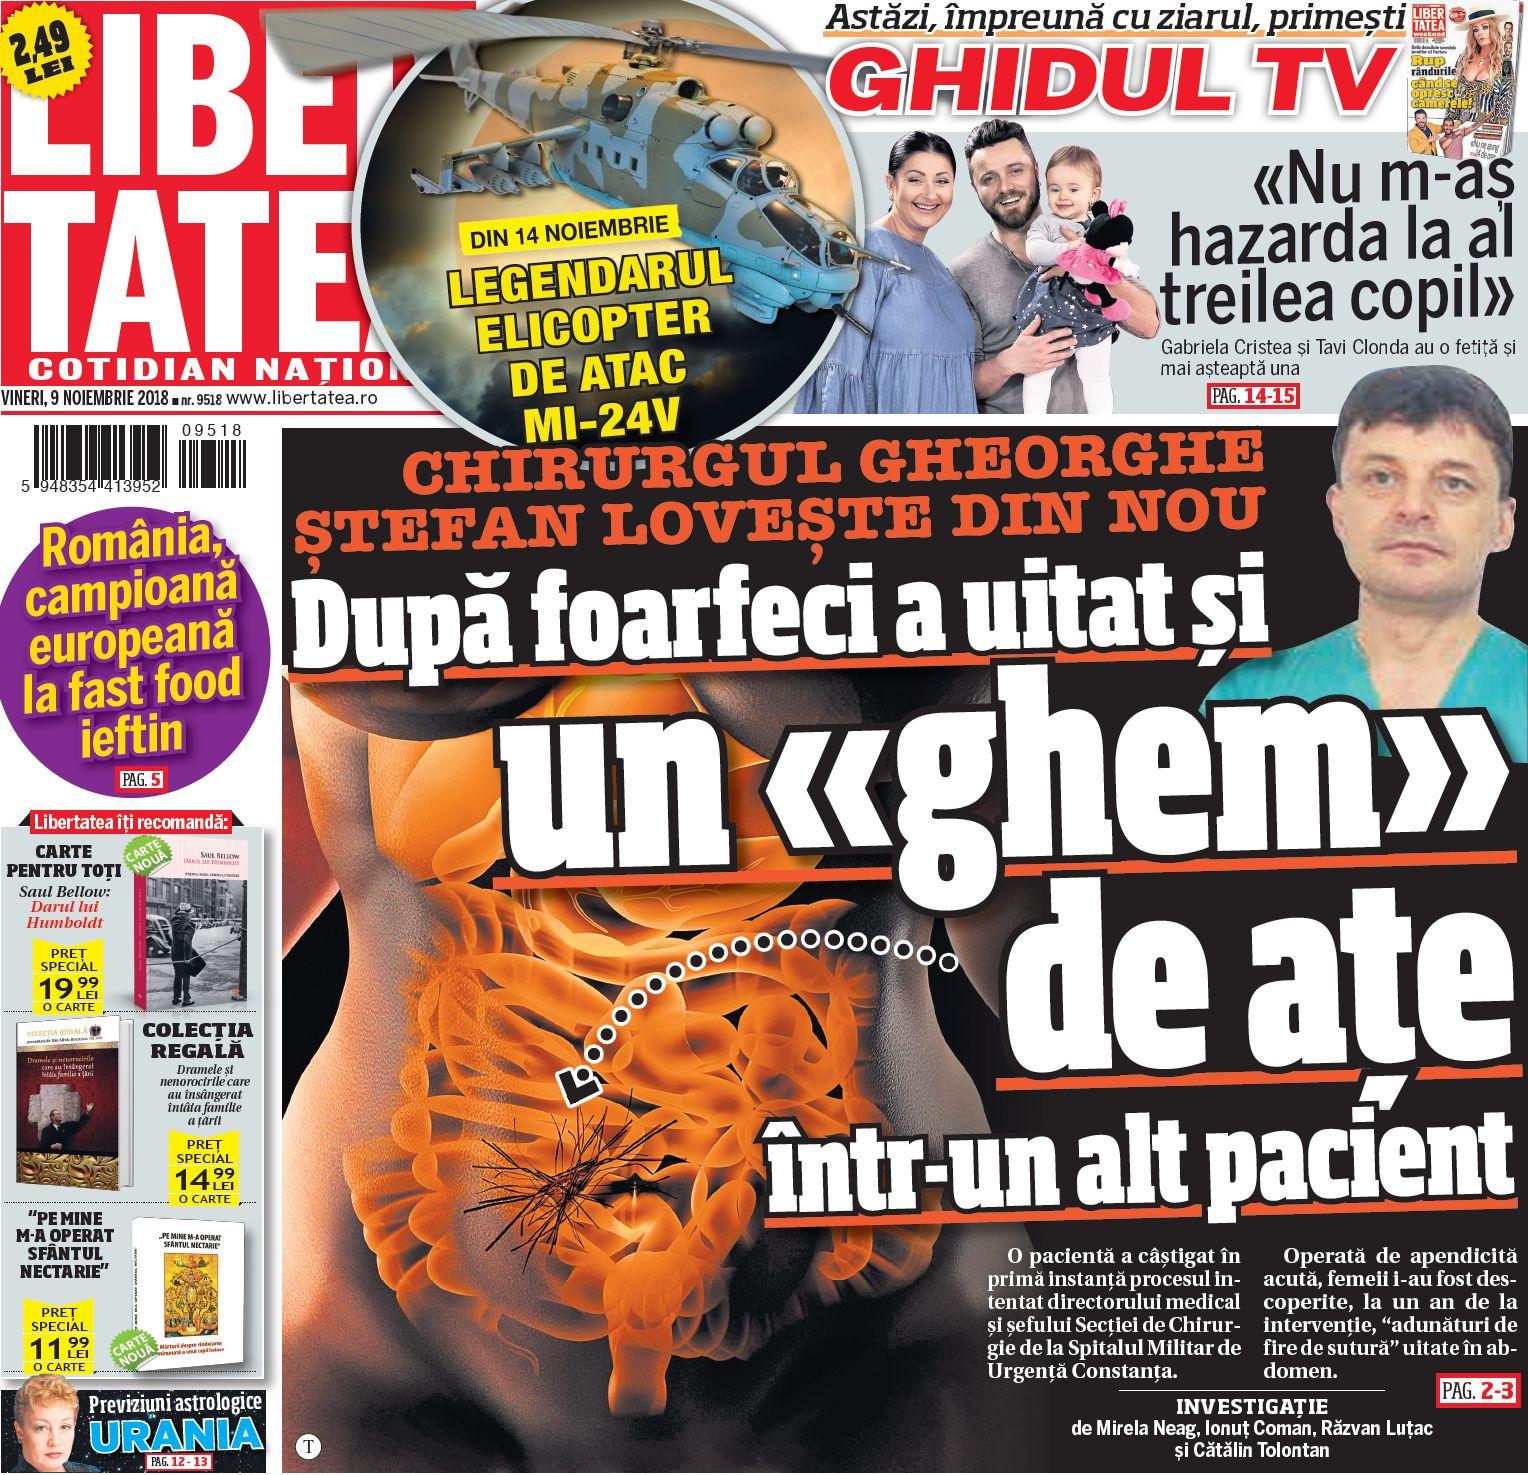 MApN, către Libertatea: Directorul medical al Spitalului Militar din Constanța va fi dat afară! El uitase două foarfeci într-o pacientă